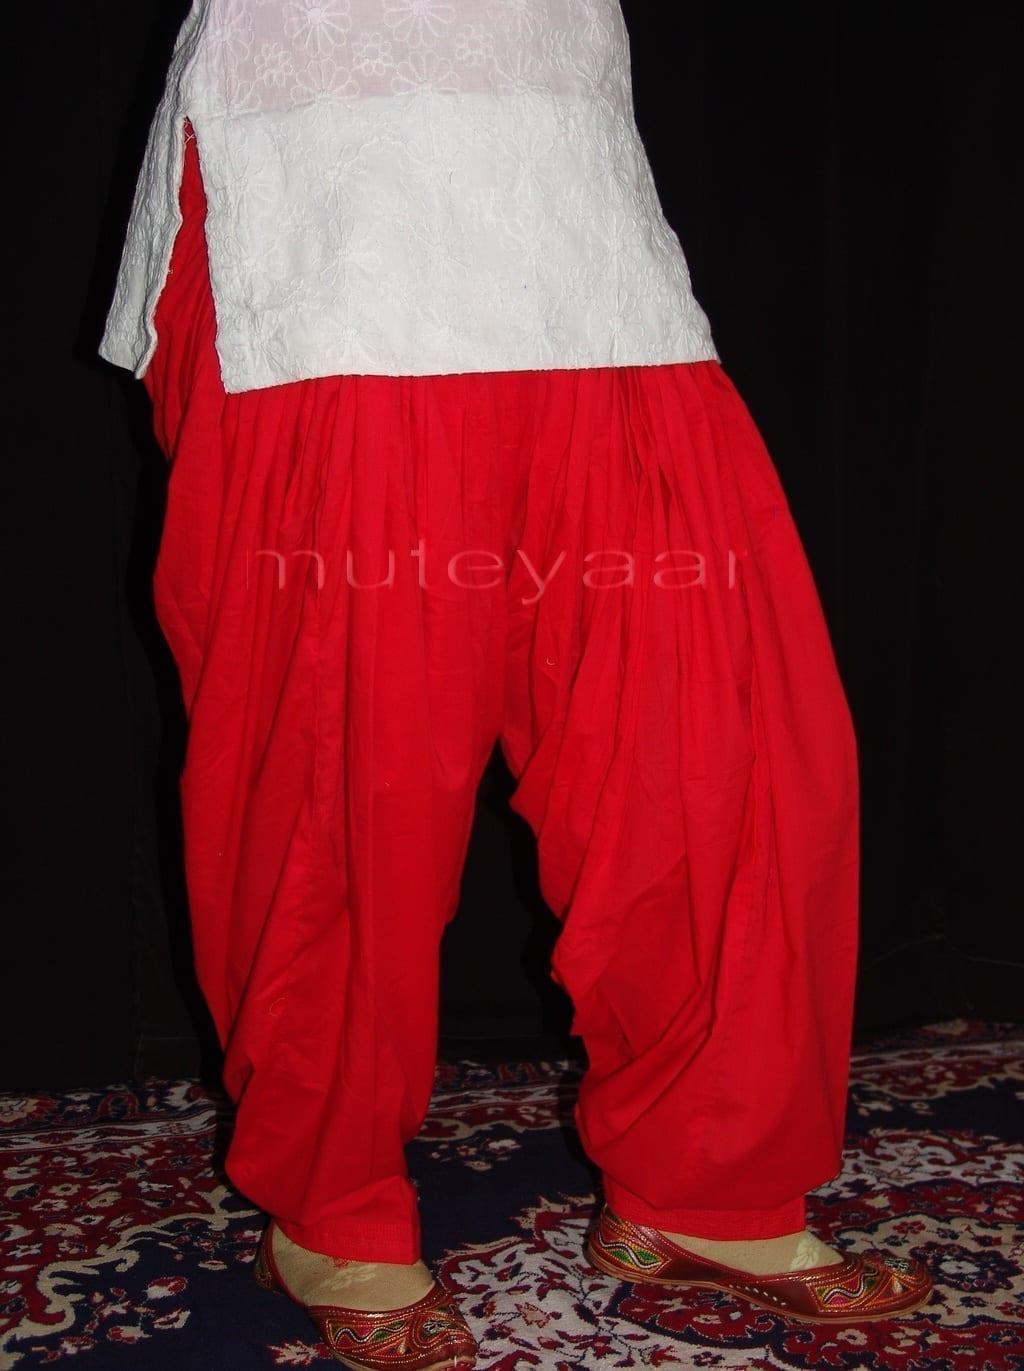 Patiala Salwars Wholesale Lot of 25 Pure Cotton Pants - Mix colours 25